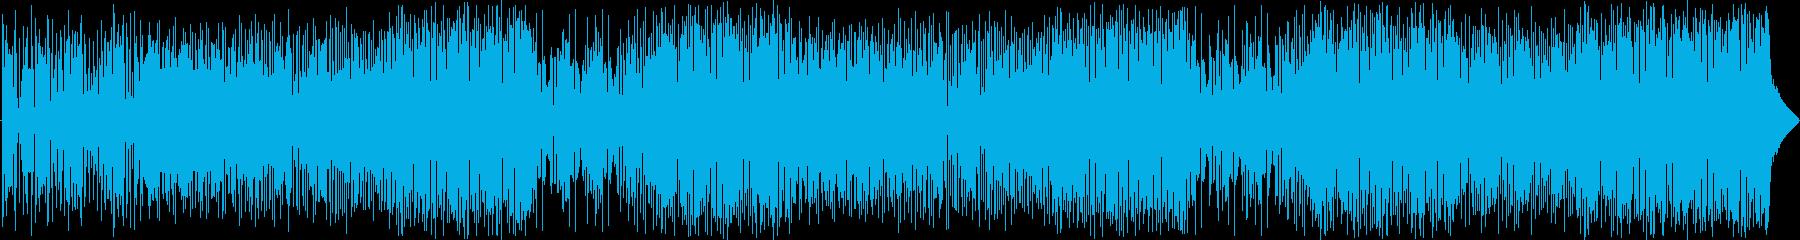 非常にクールなオリジナルのクリスマ...の再生済みの波形